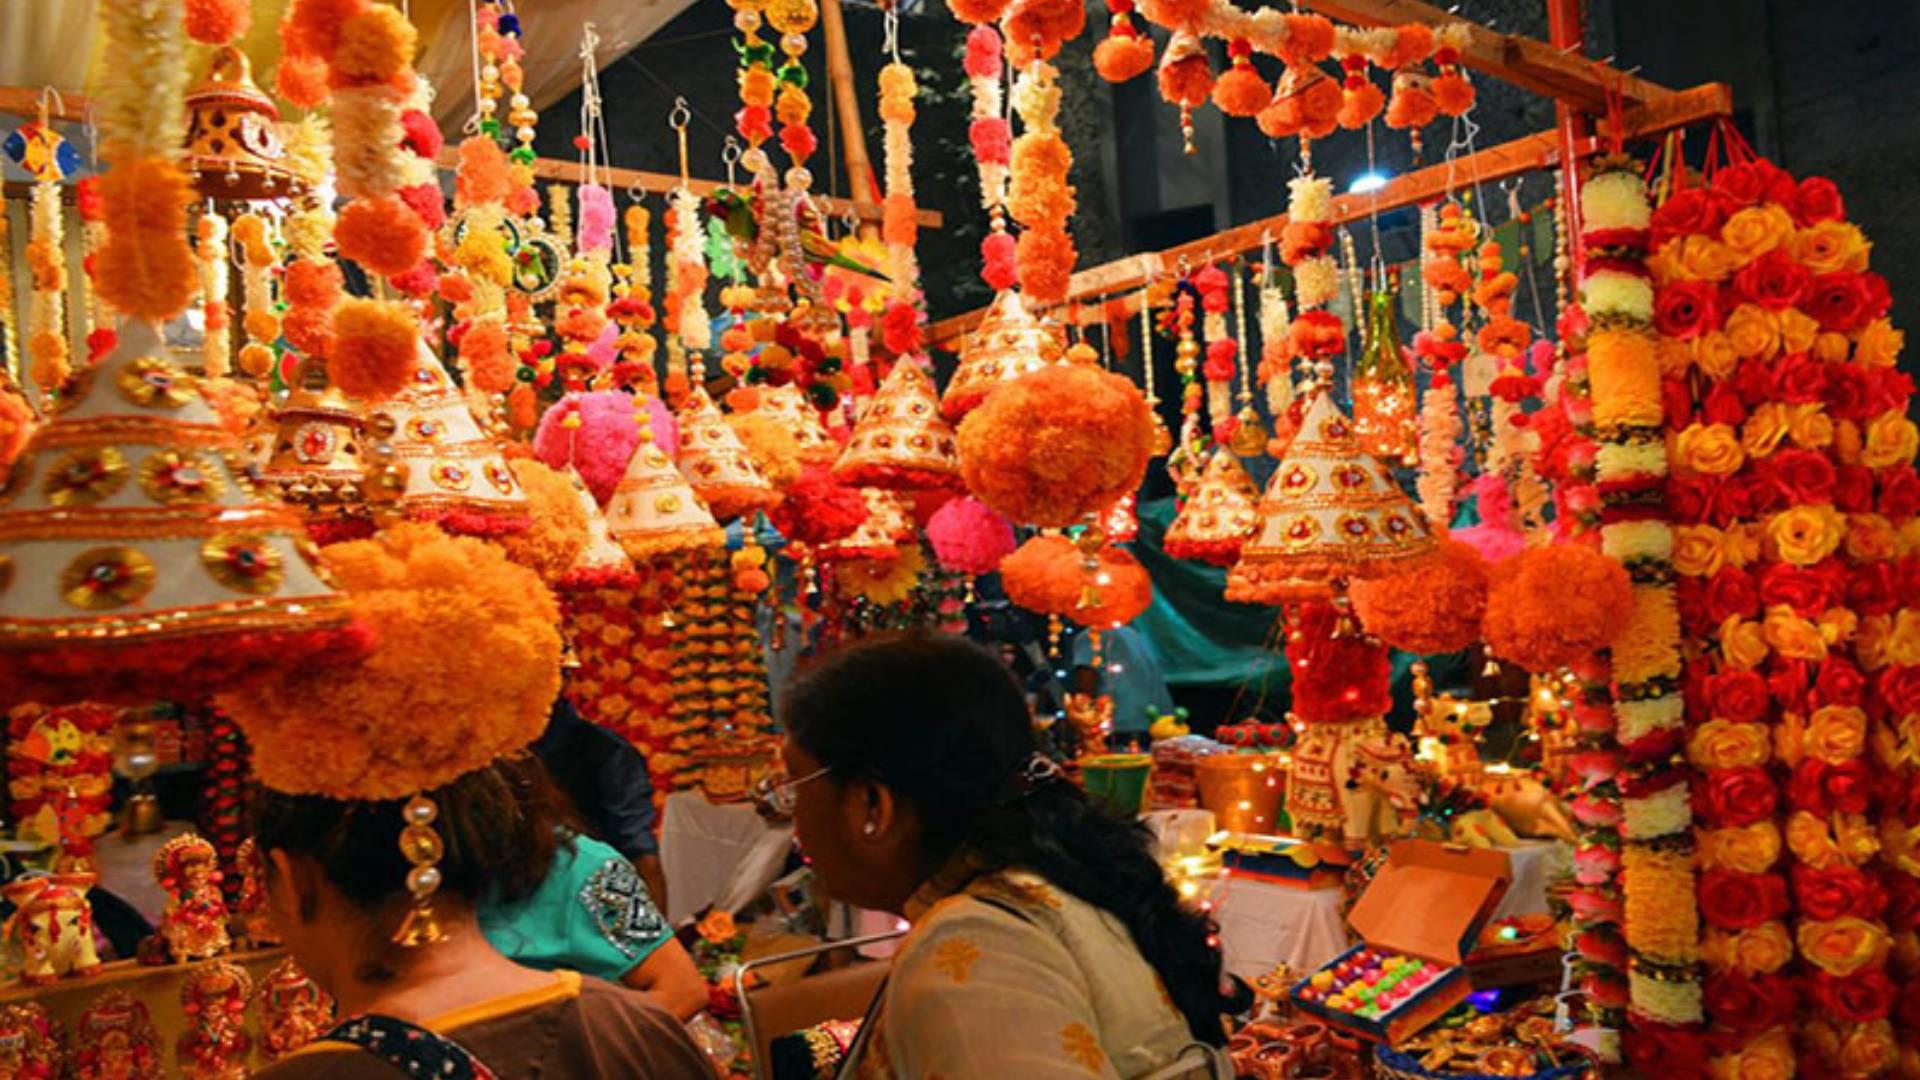 Diwali 2019: दिवाली की शॉपिंग के लिए बेस्ट है दिल्ली के ये बाजार, आपके बजट में हो जाएगी सारी खरीदारी